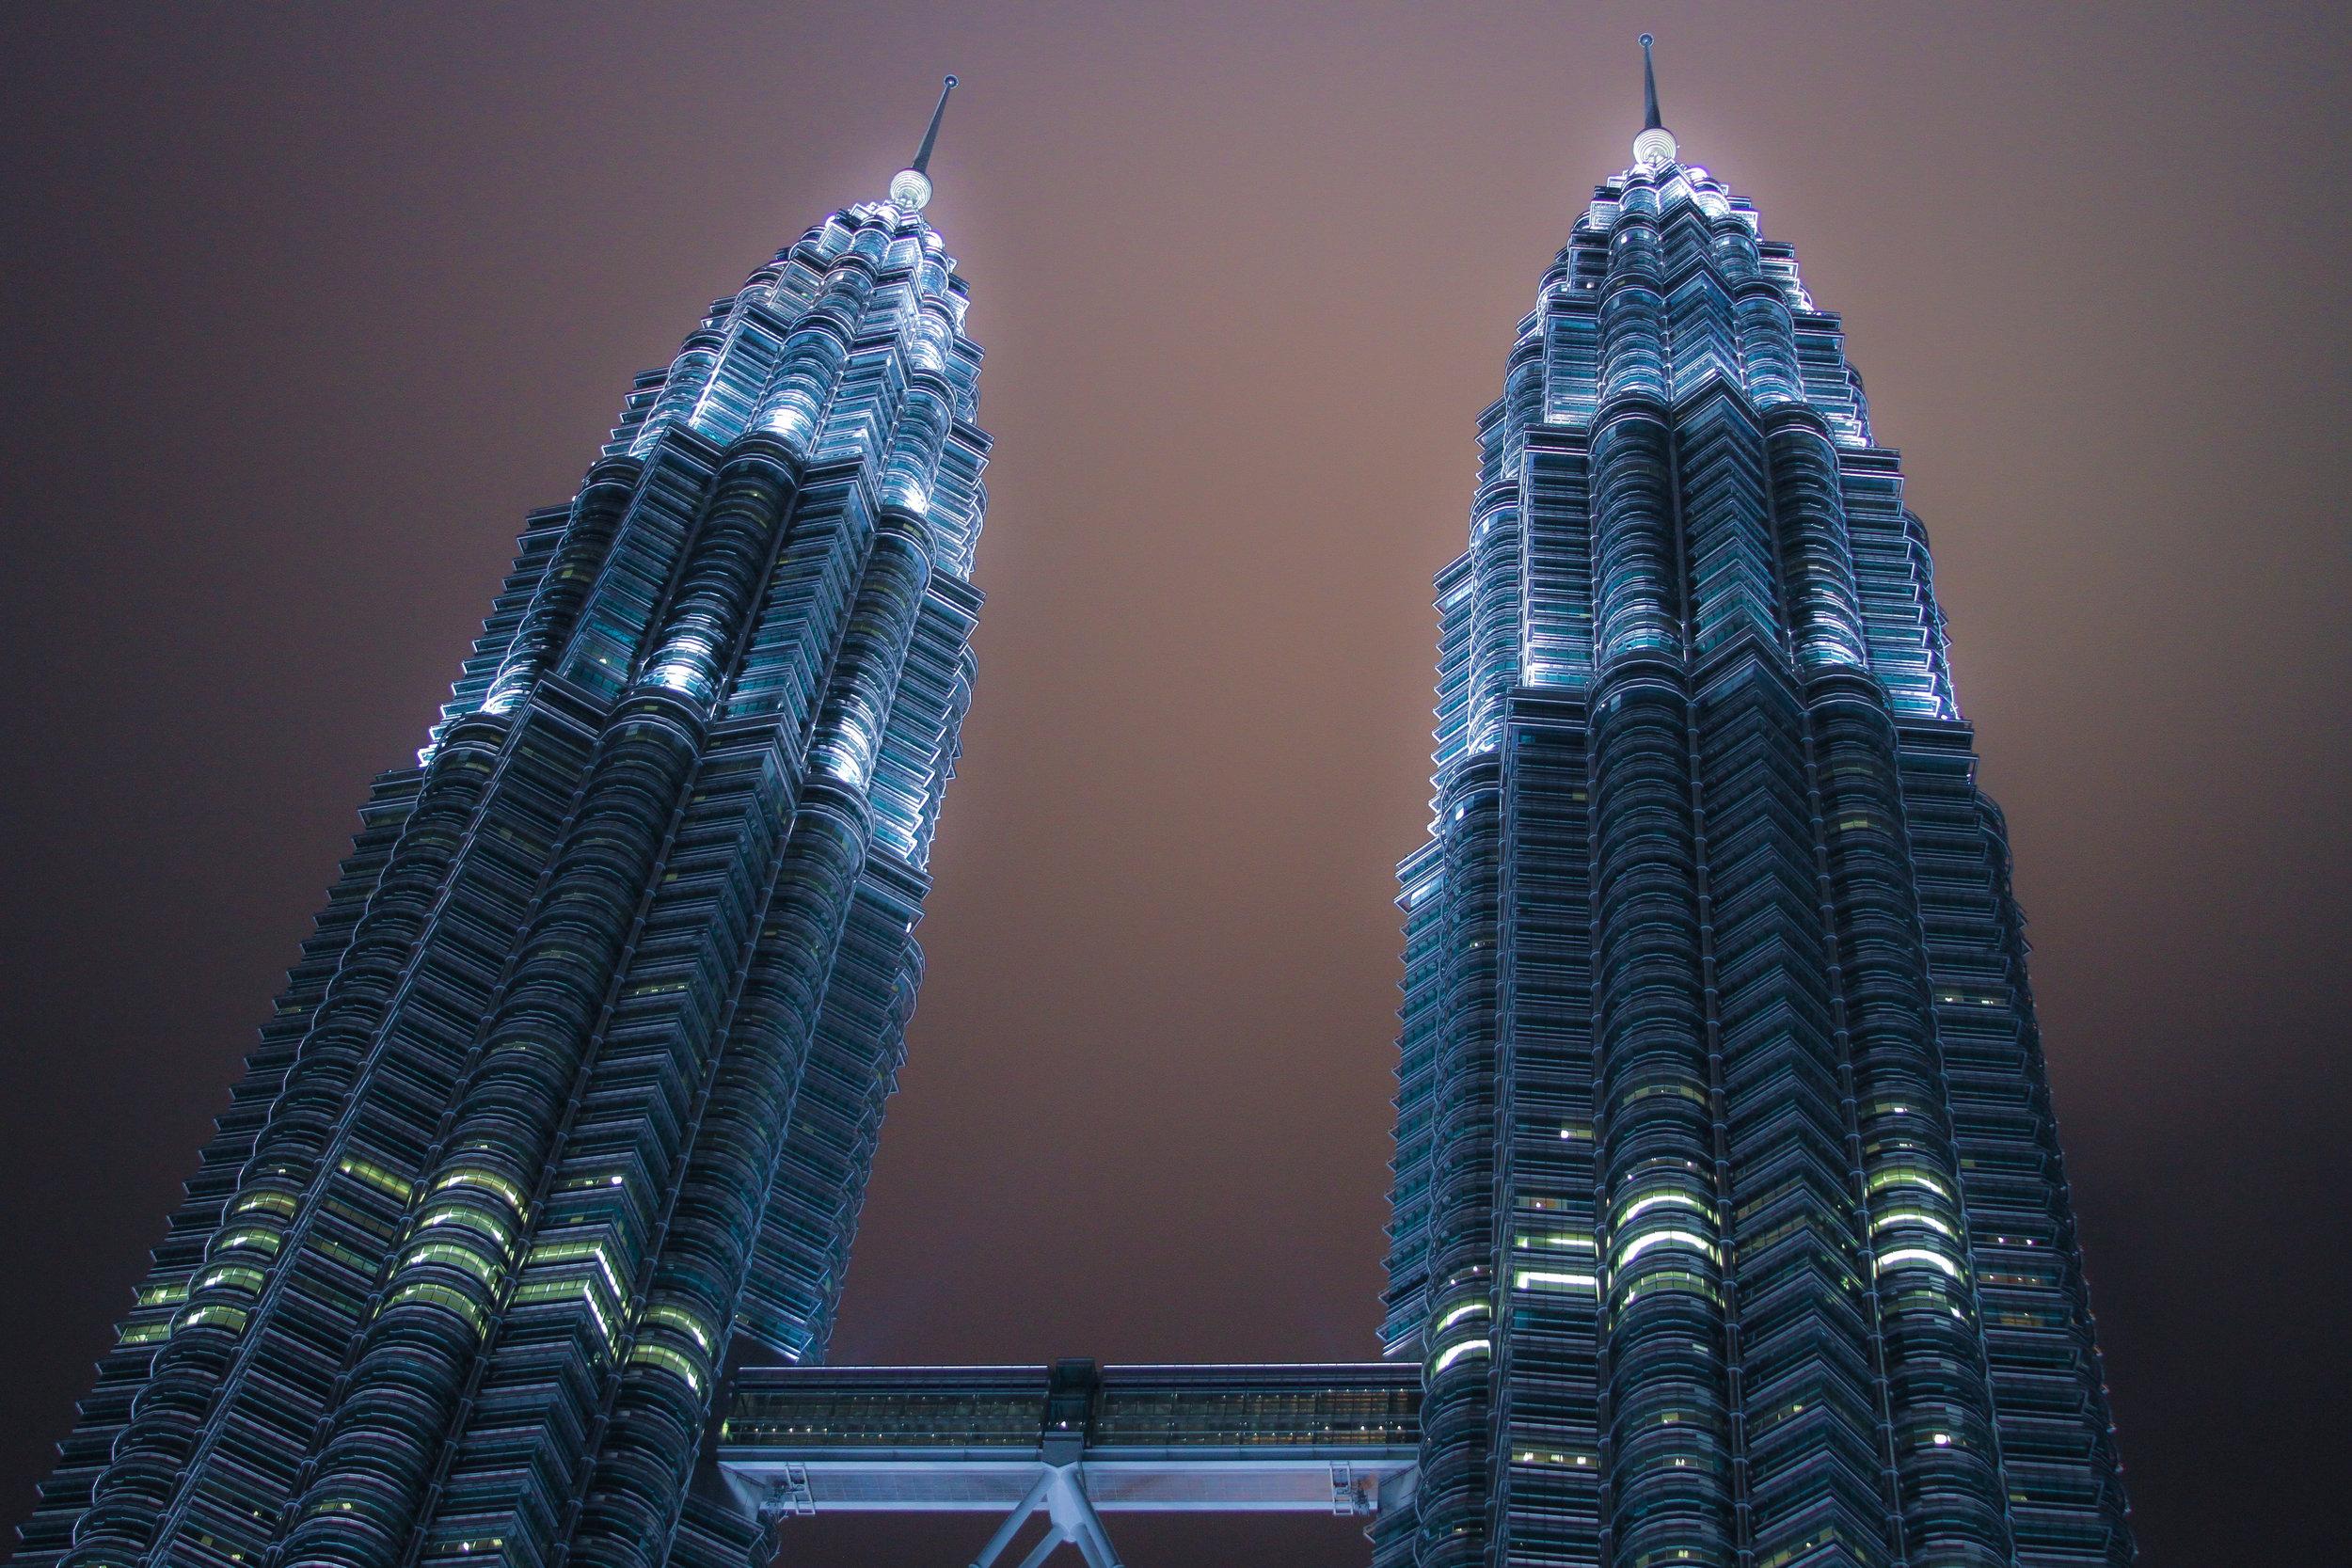 Malam In Malaysia - LR.jpg